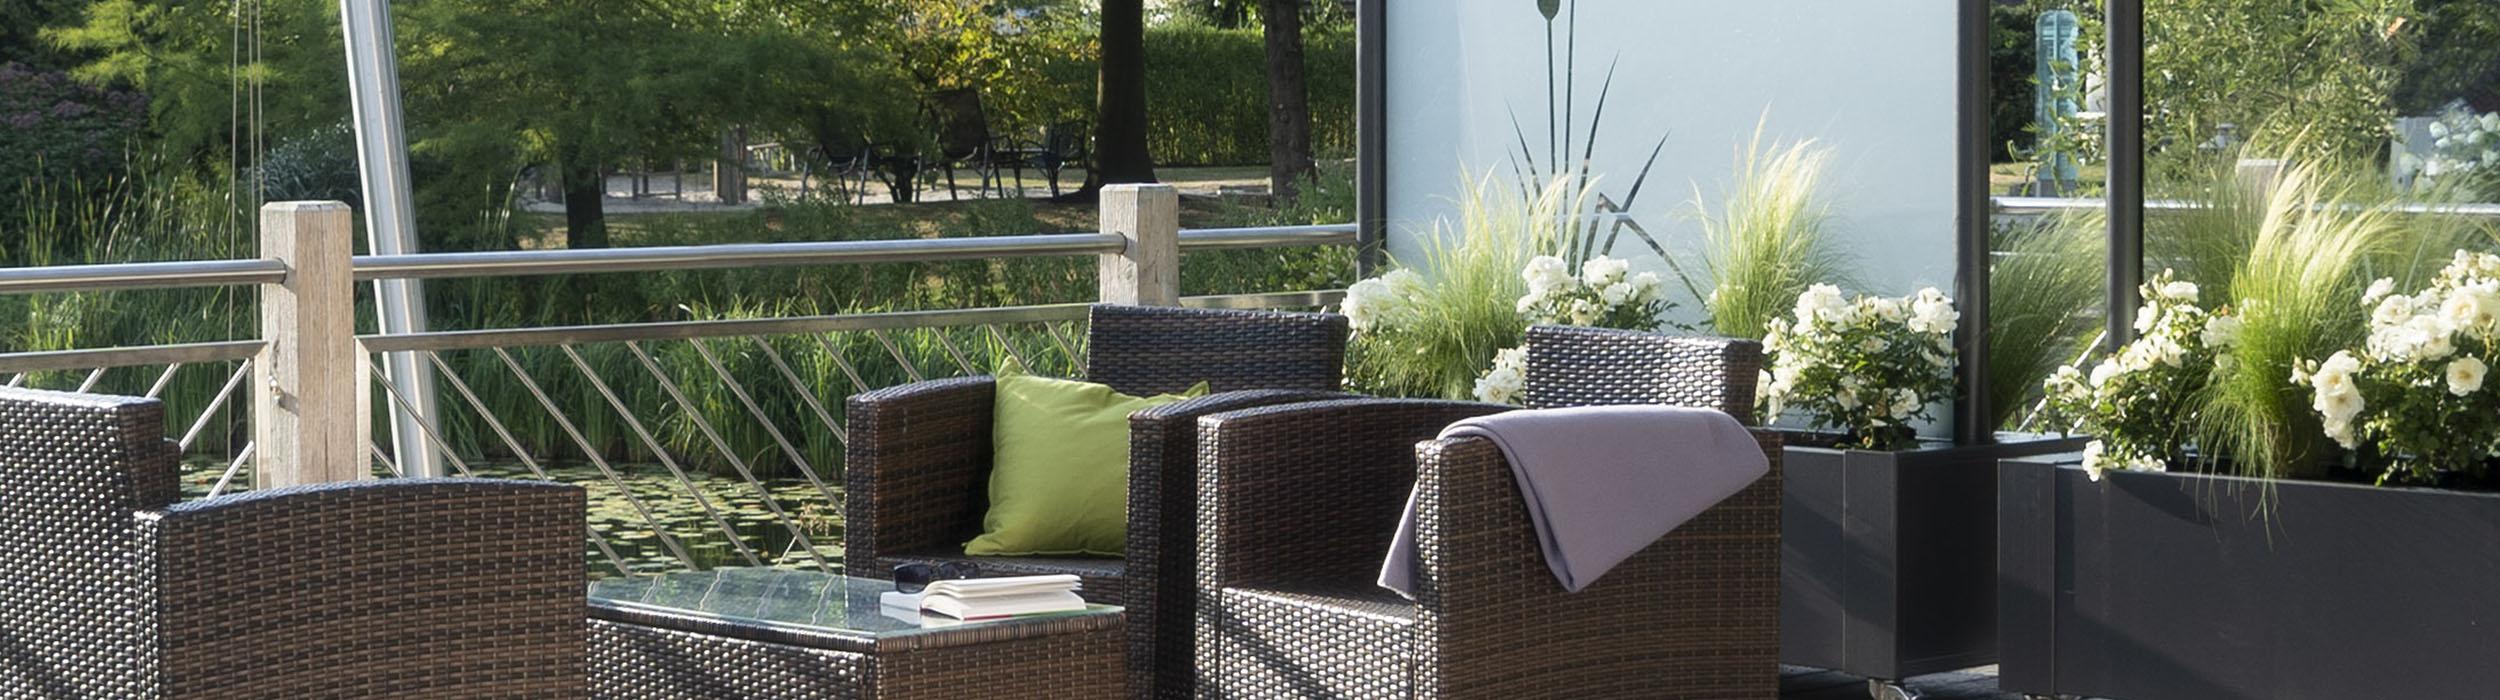 Ideen Für Die Moderne Gartengestaltung Mit Sicht  Und Windschutzelementen  Aus Glas